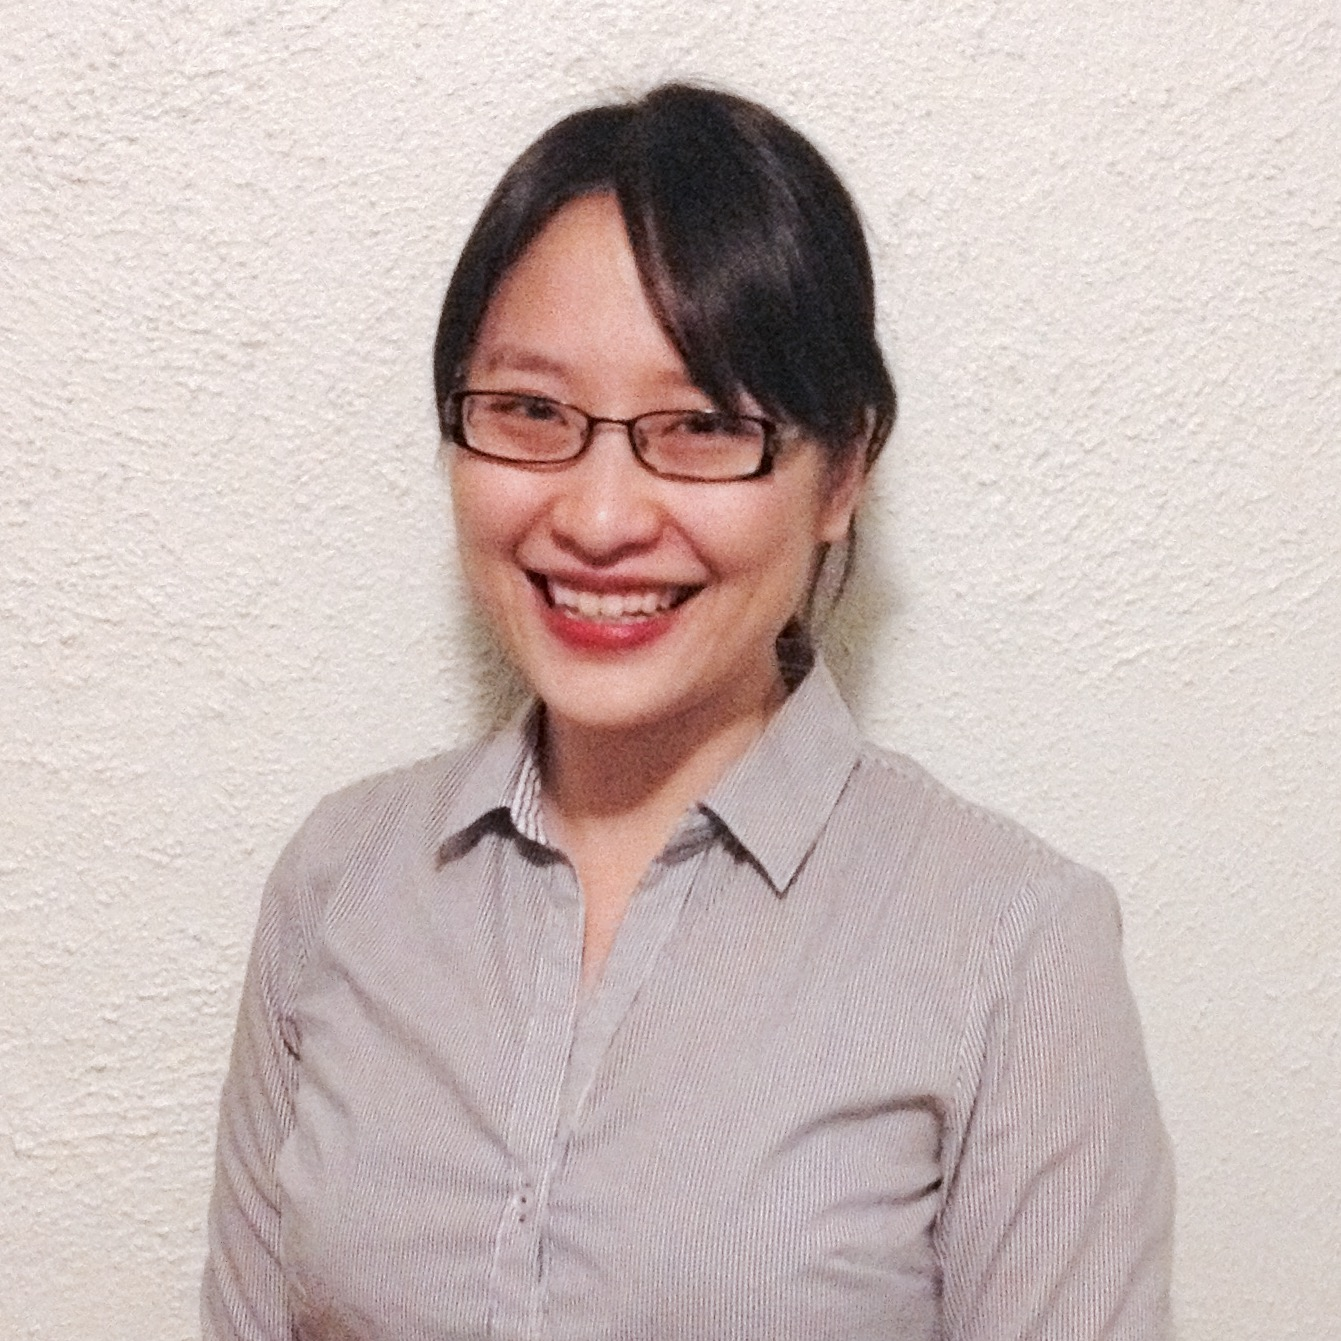 A photo of Victoria Lai